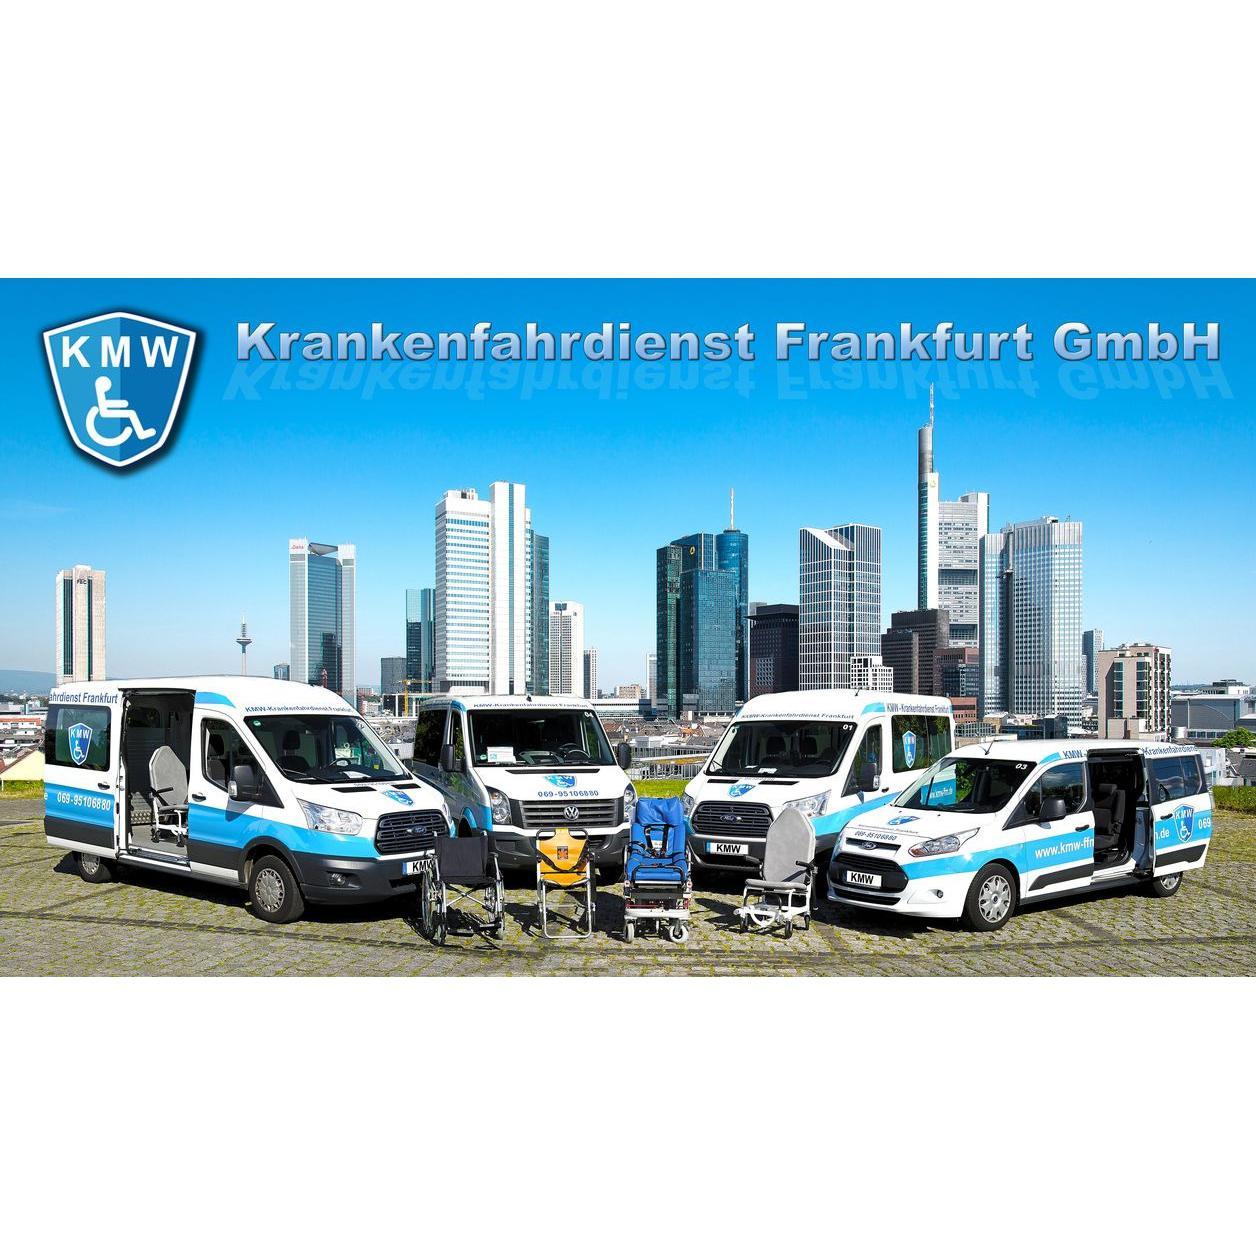 Bild zu KMW-Krankenfahrdienst Frankfurt GmbH in Frankfurt am Main